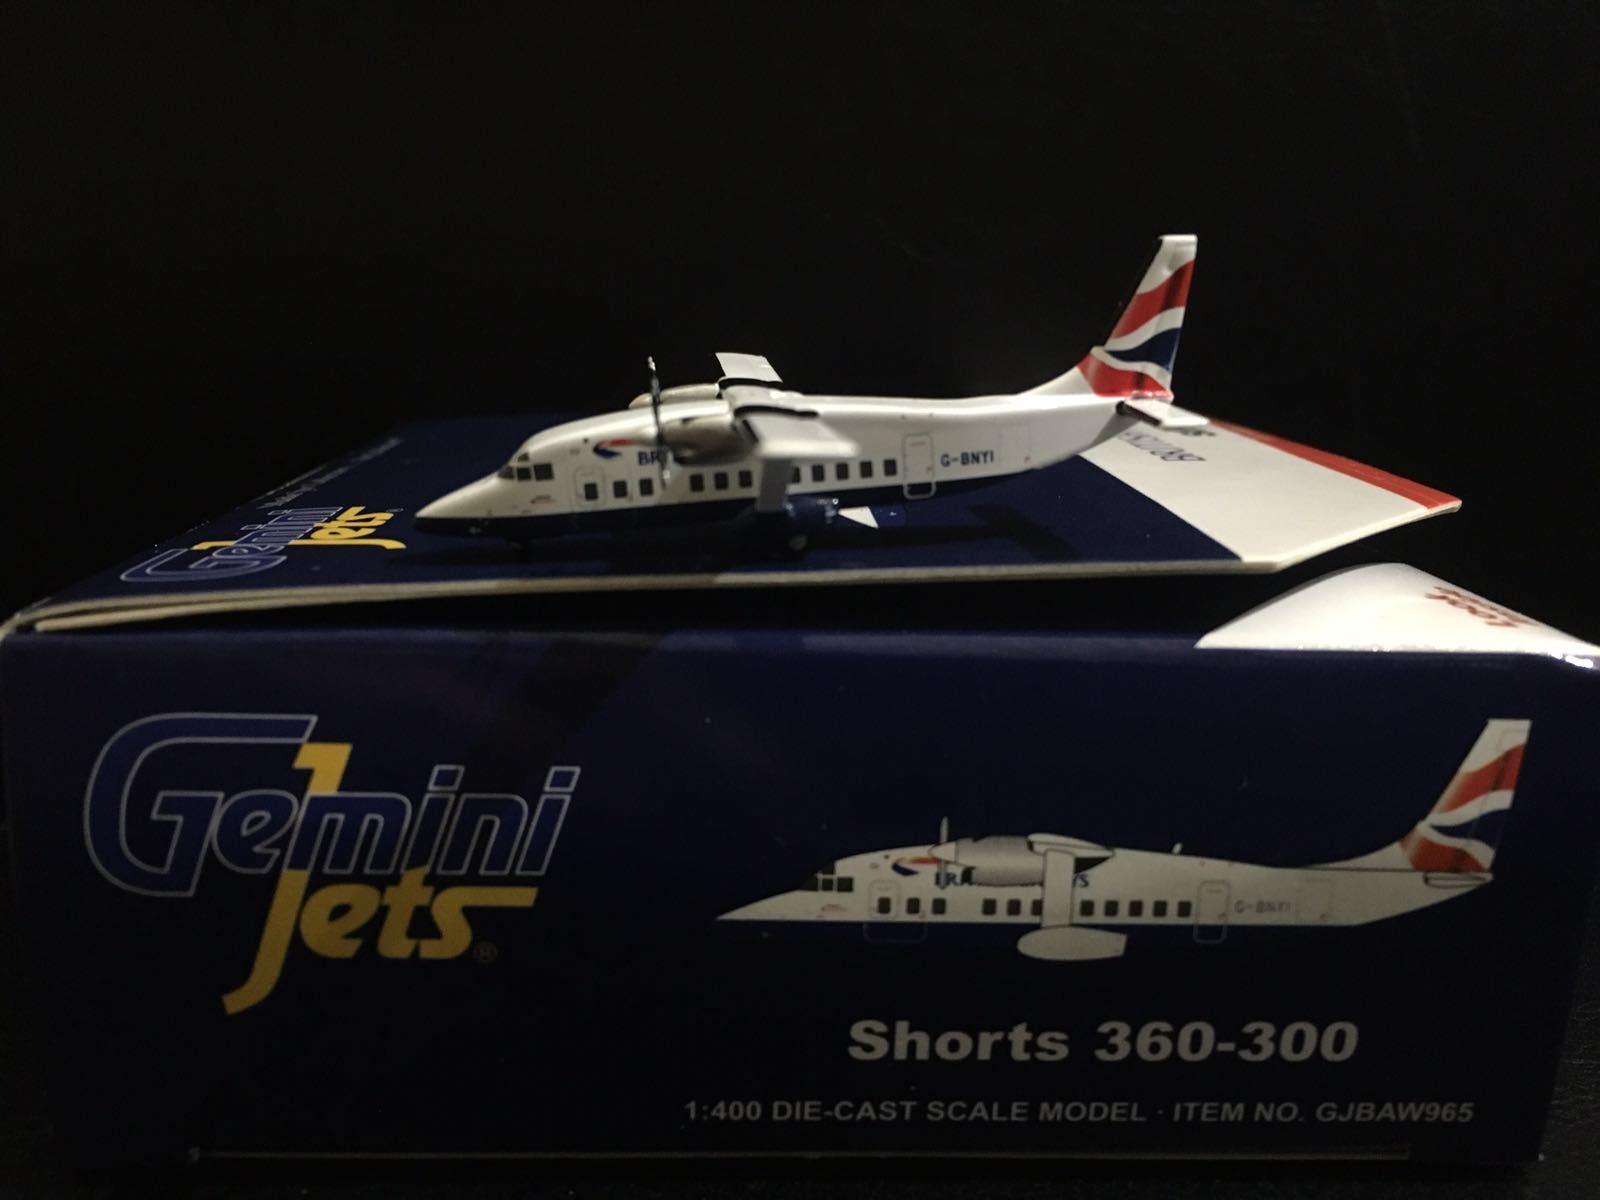 se descuenta Gemini Jets 1-400 aerolínea británica Pantalones Pantalones Pantalones Cortos 360-300 G-bnyi gjbaw 965 763116769 659  auténtico